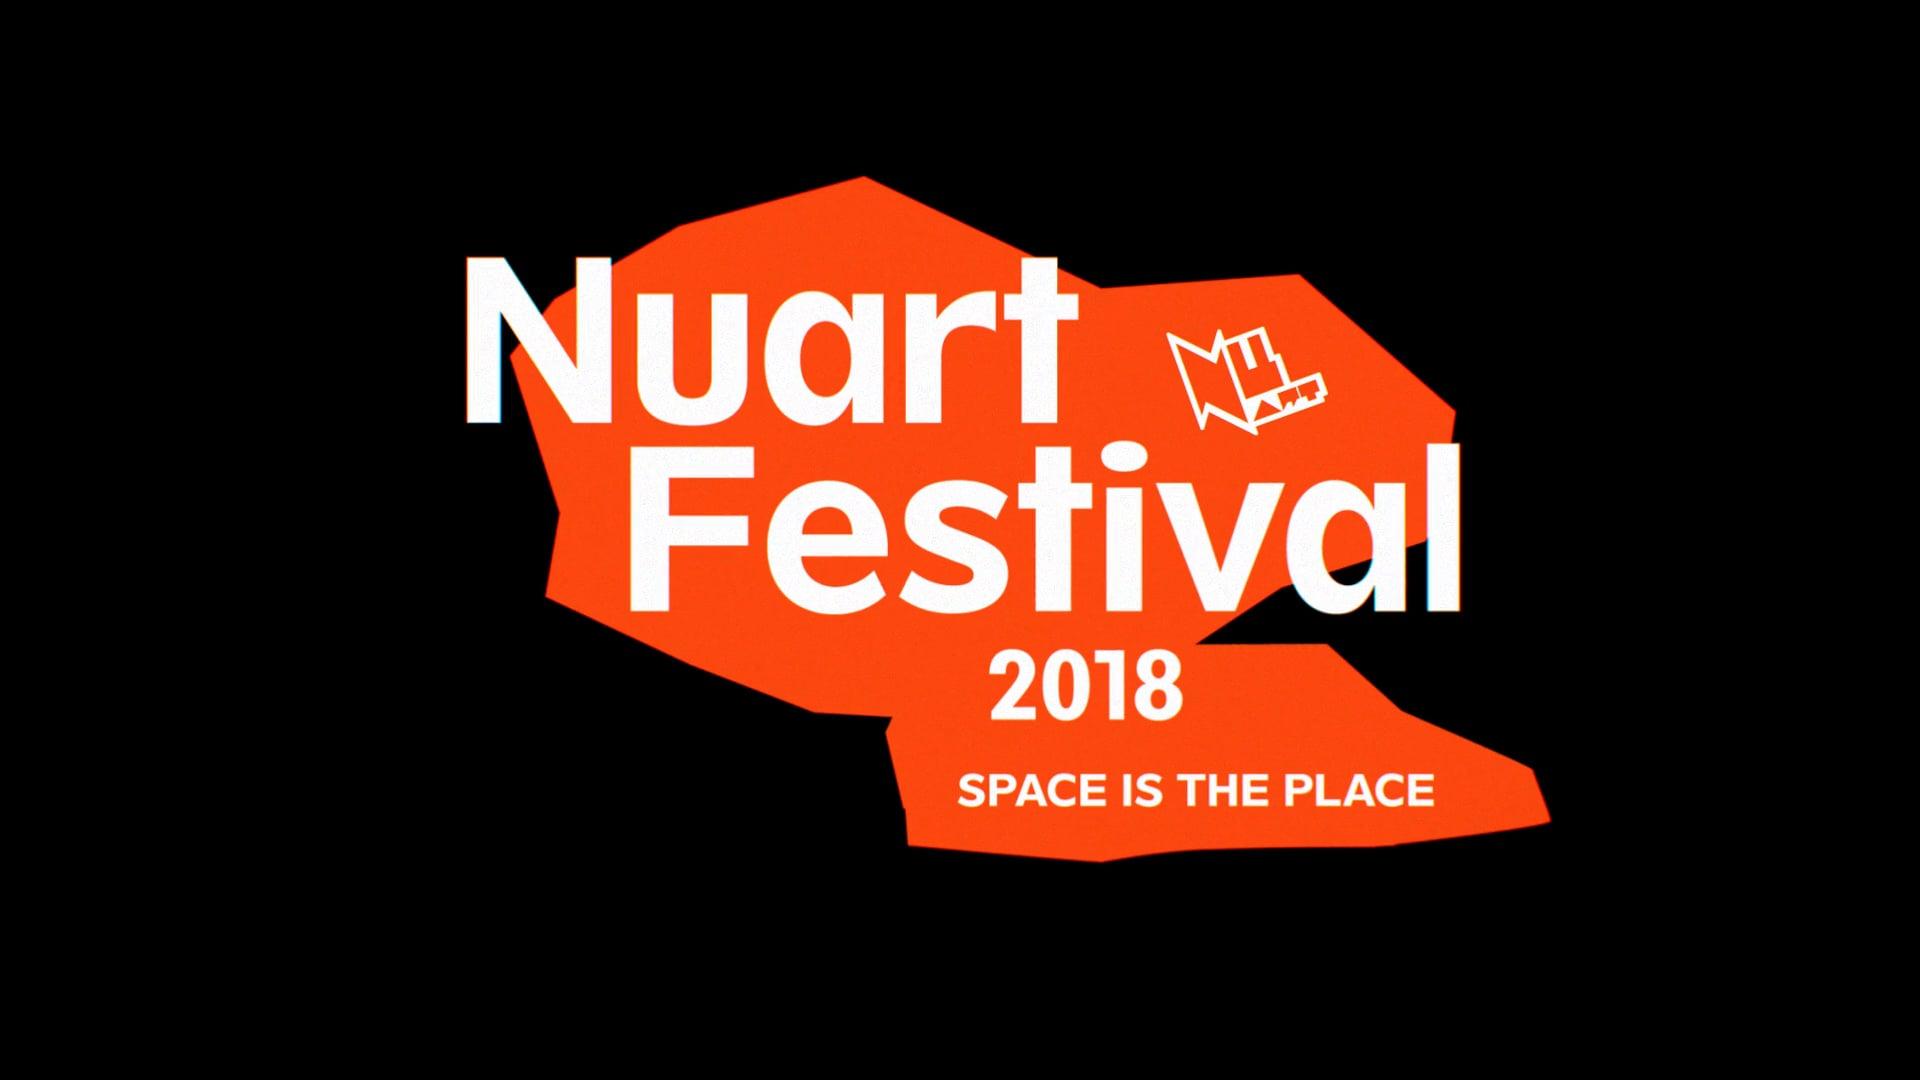 NUART FESTIVAL 2018 - RE-CAP FILM